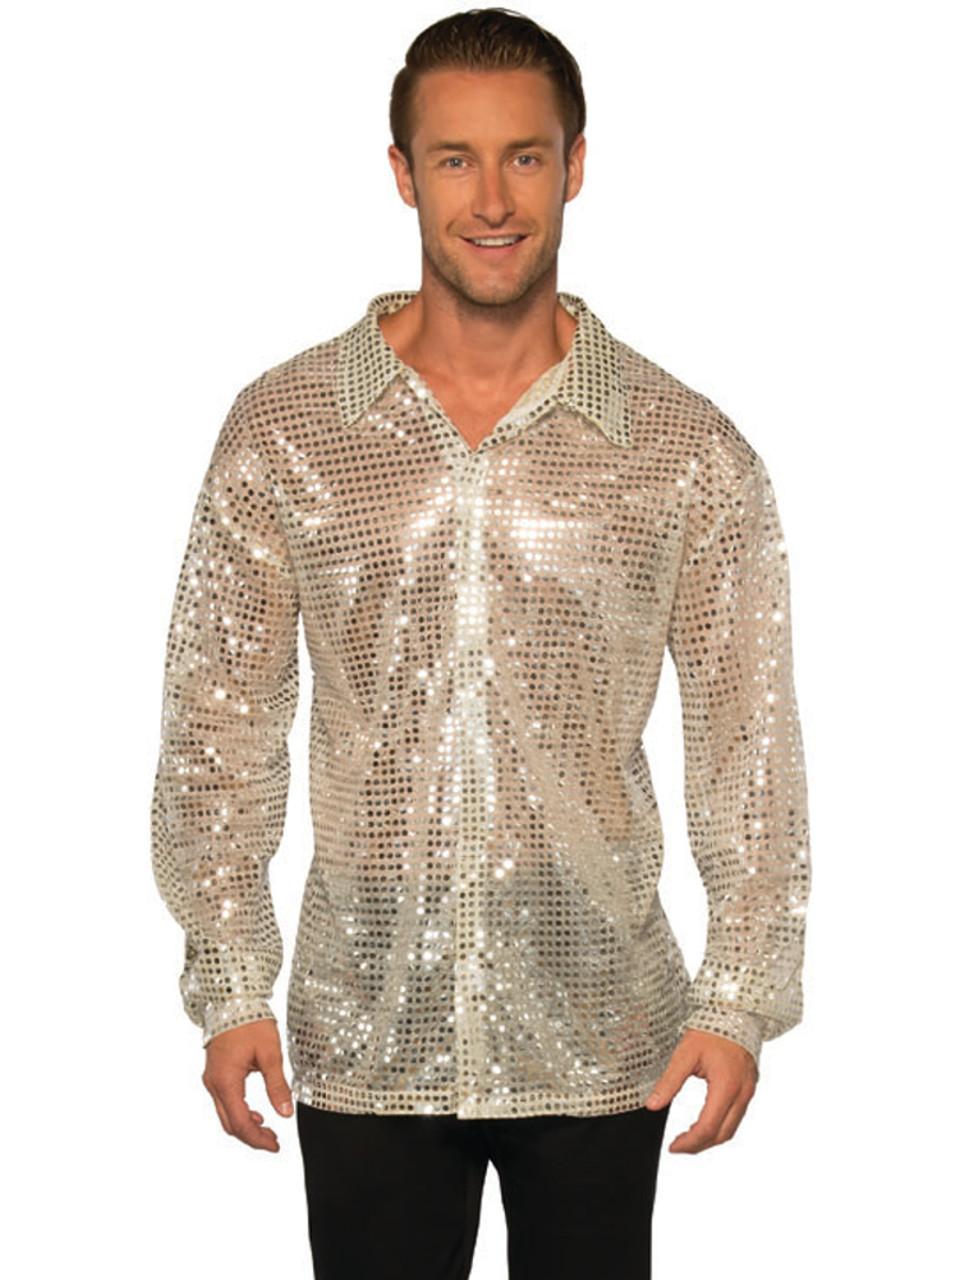 b7f3b0a4a930f4 Men's 70s Dancing King Silver Sequin Disco Shirt Costume